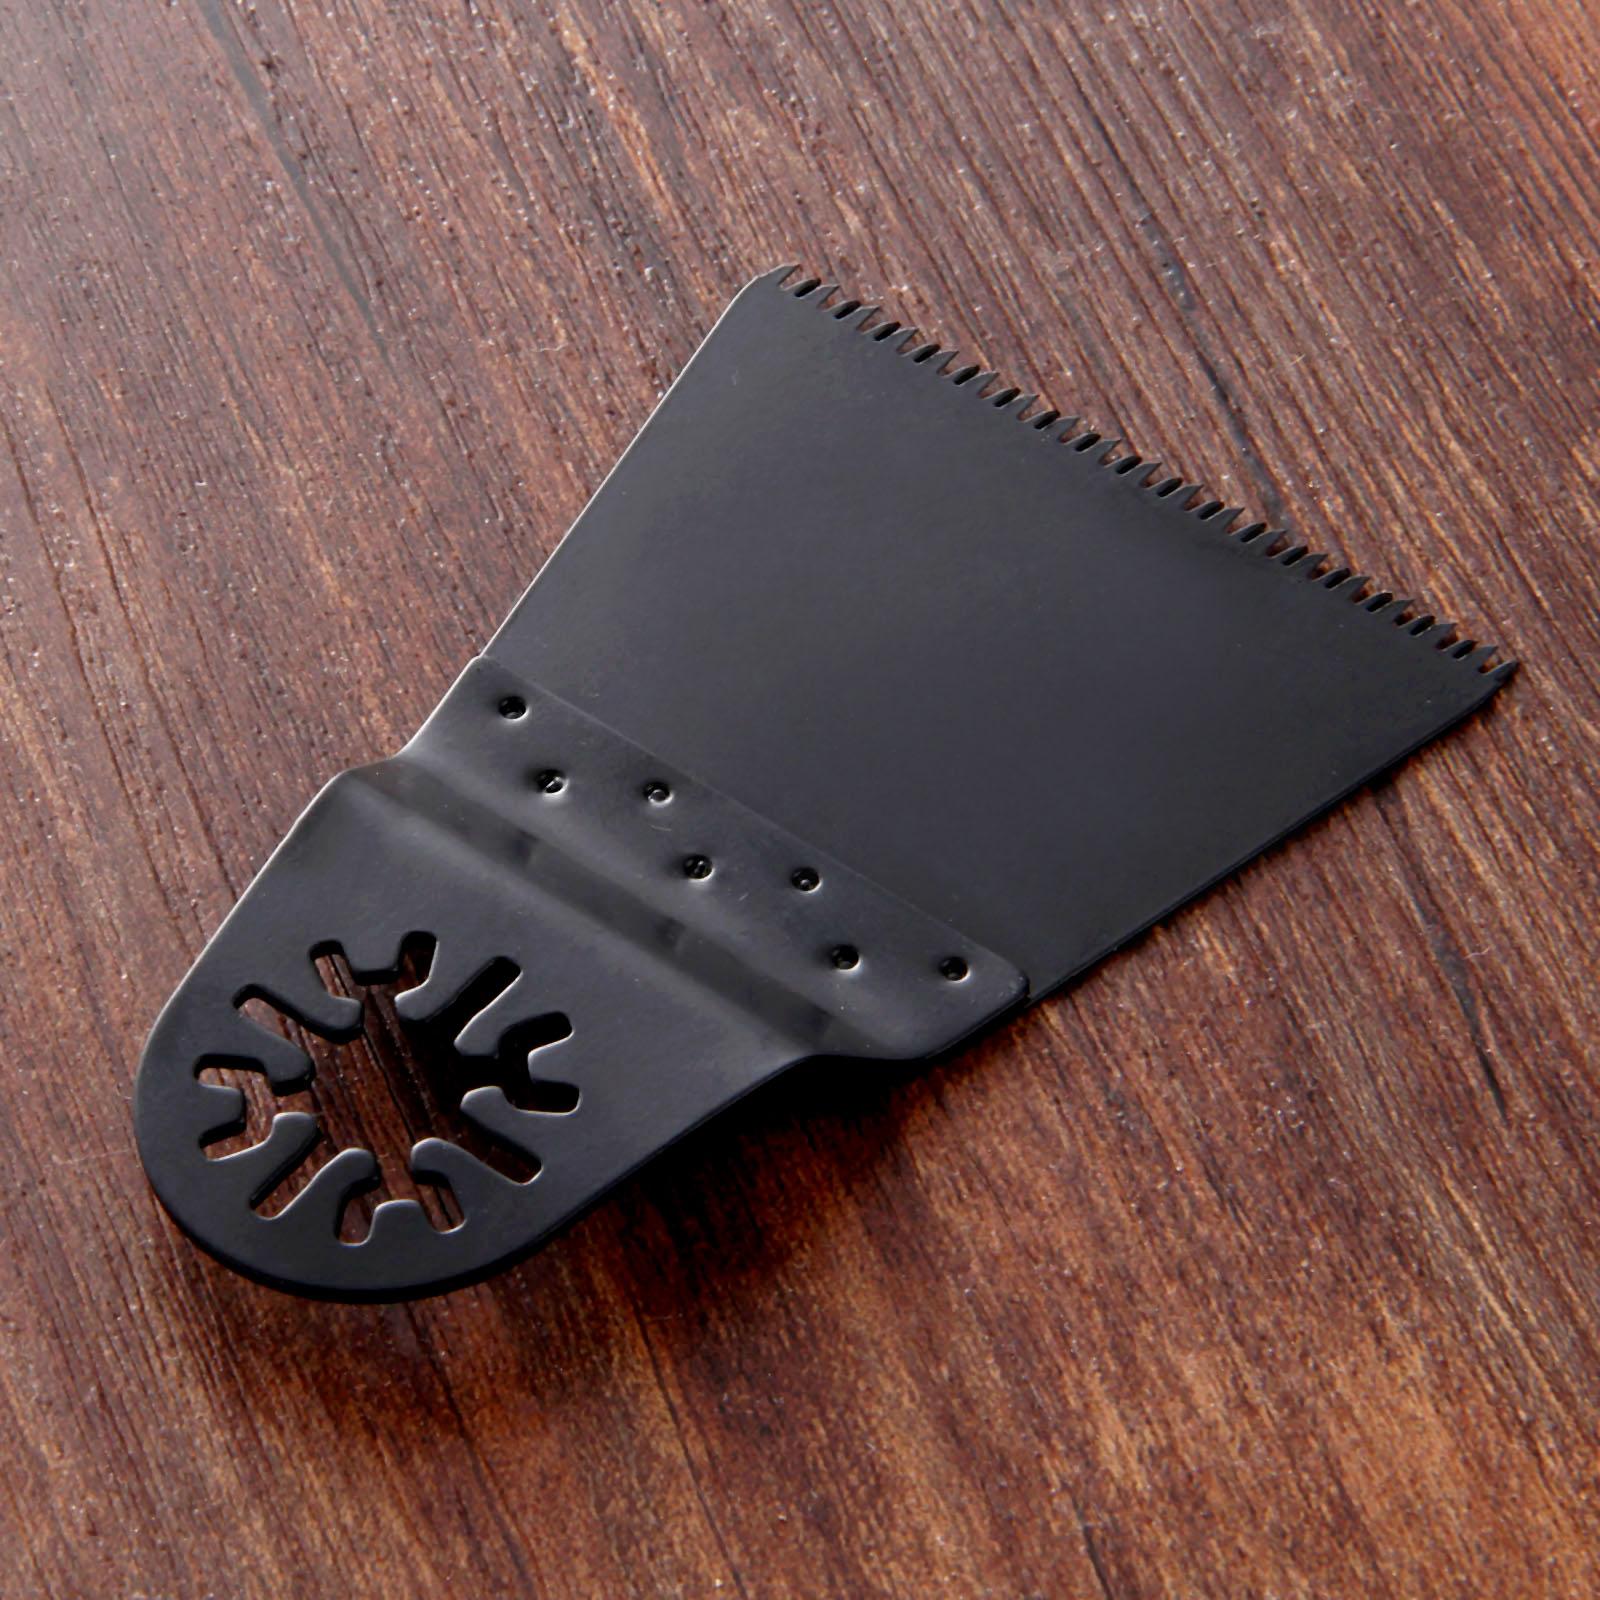 1 vnt. 65 mm svyruojantis įrankis, pjaustomas pjūklo pjovimo - Ašmenys pjūklams - Nuotrauka 3